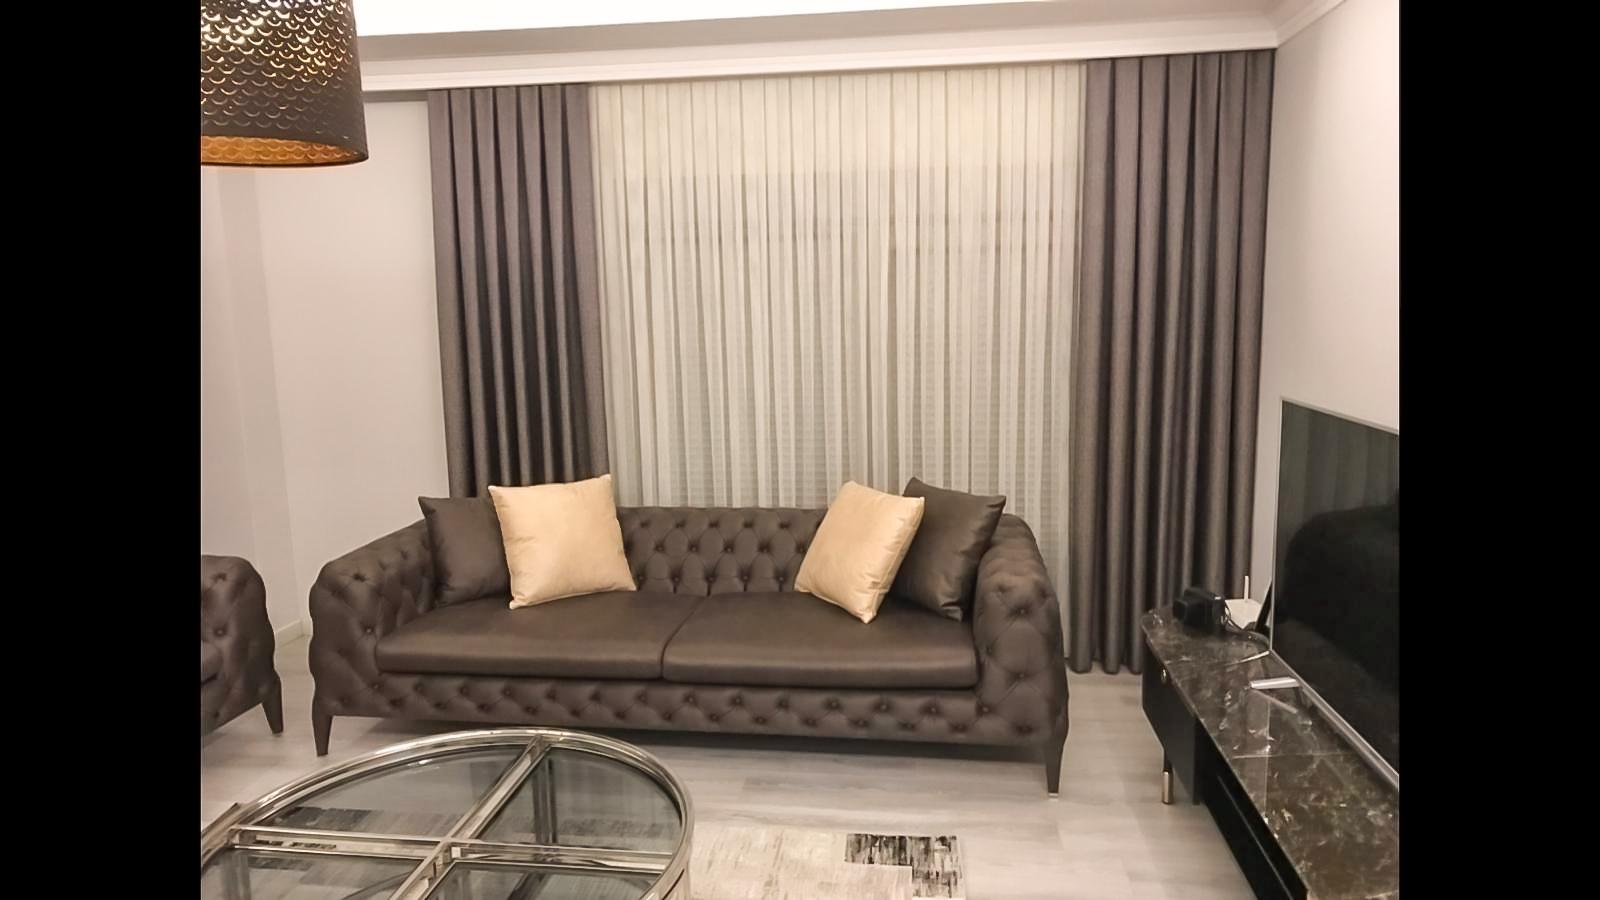 Dekorasyonları süslemesinin yanı sıra oldukça kullanışlı ve pratik olması da tül perdelerin ve fon perdelerin kullanıcılarının beğenisini ayrıca etkilemiştir.